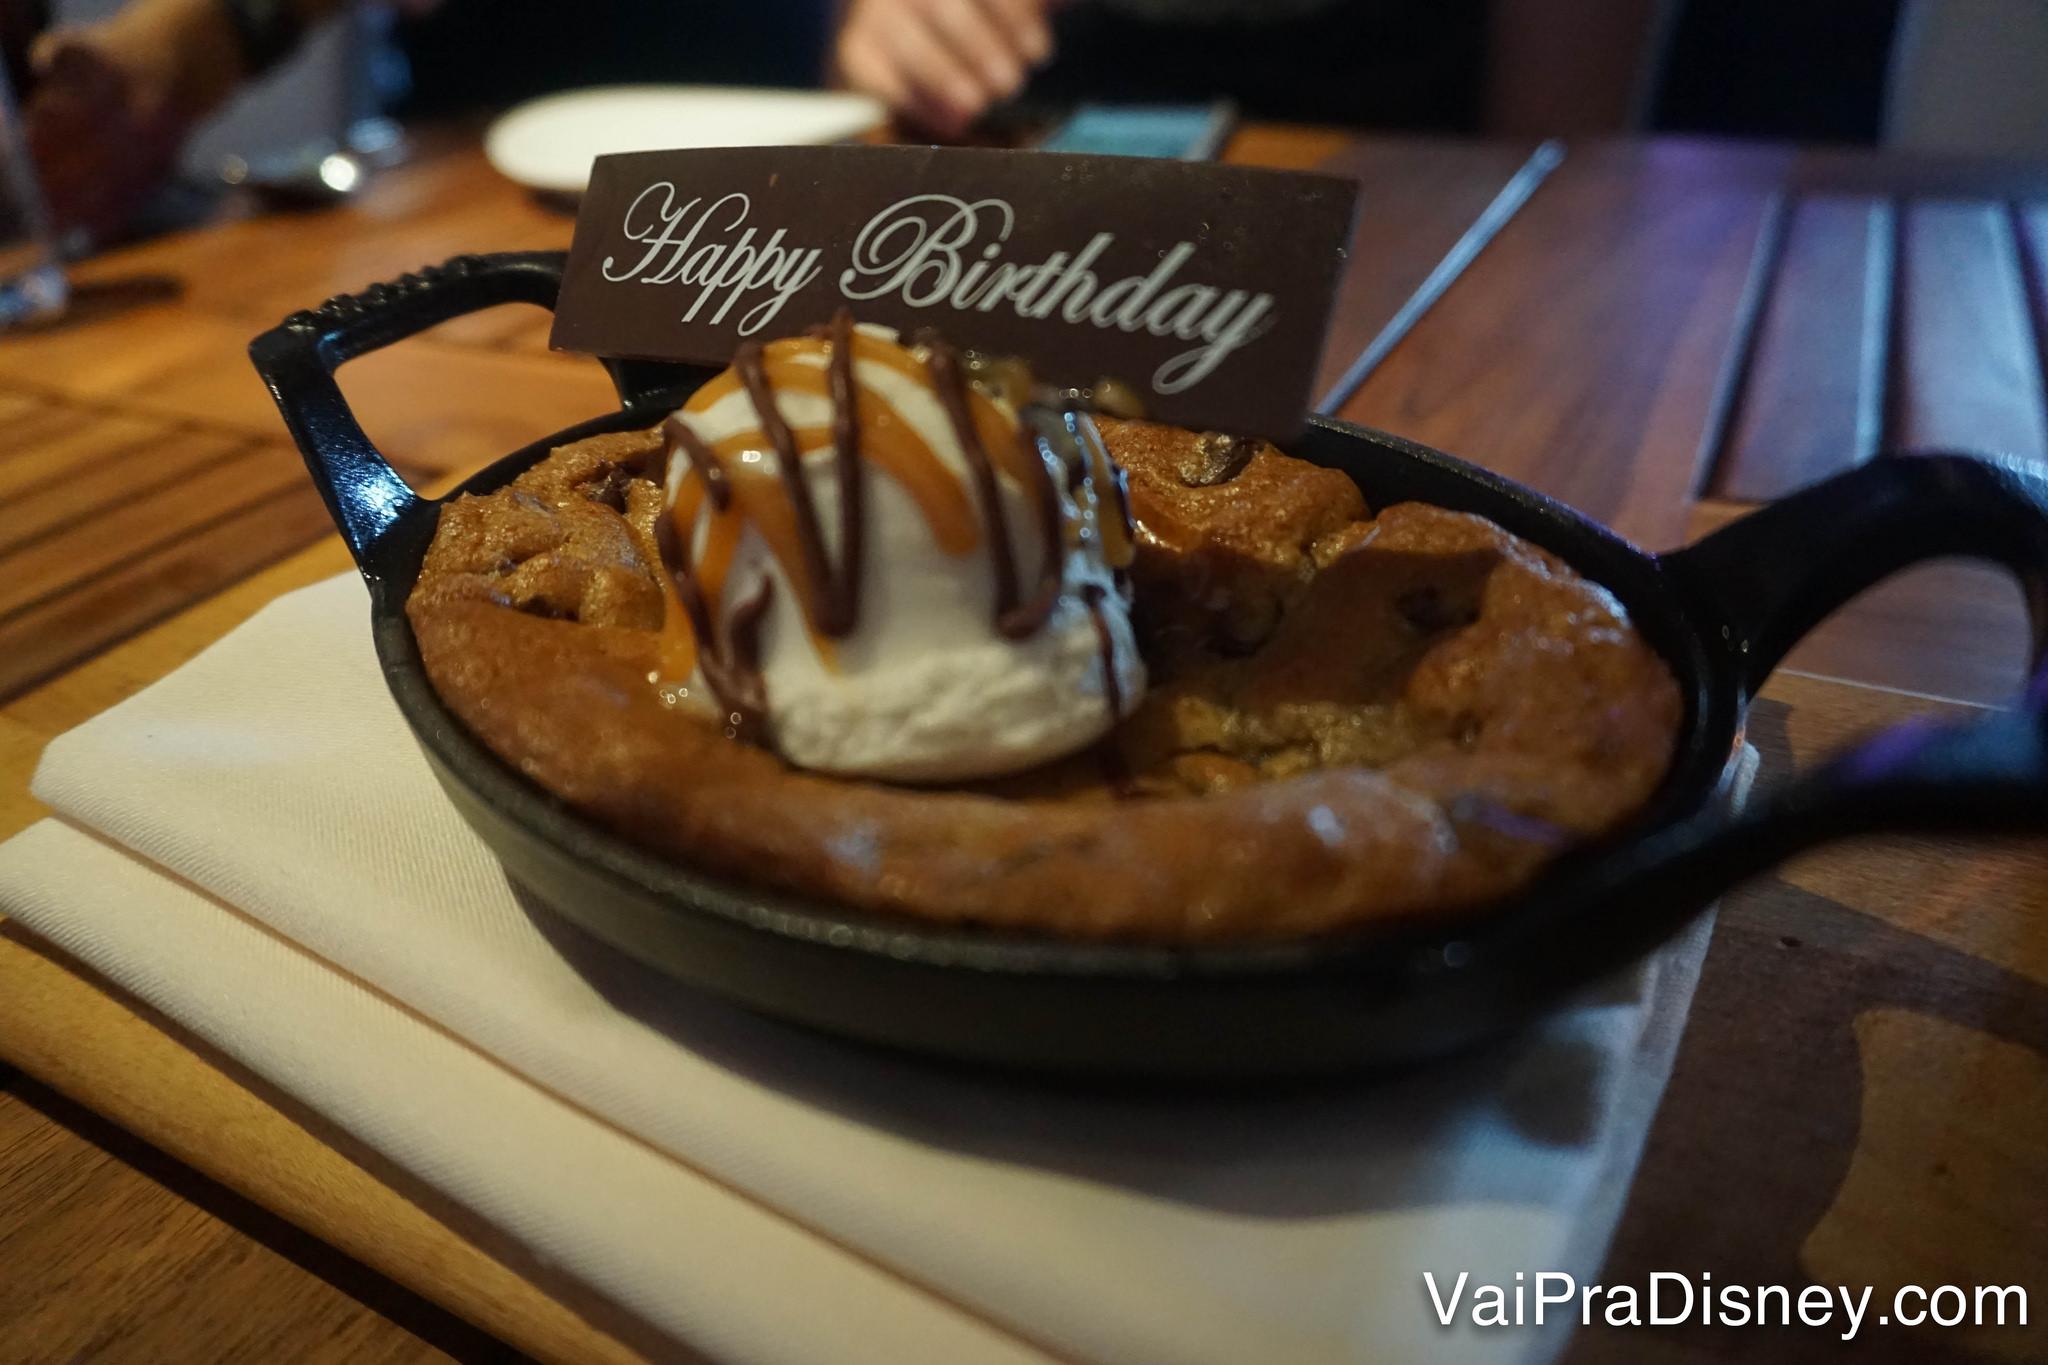 A sobremesa, um cookie que vem em uma panelinha com uma bola de sorvete em cima